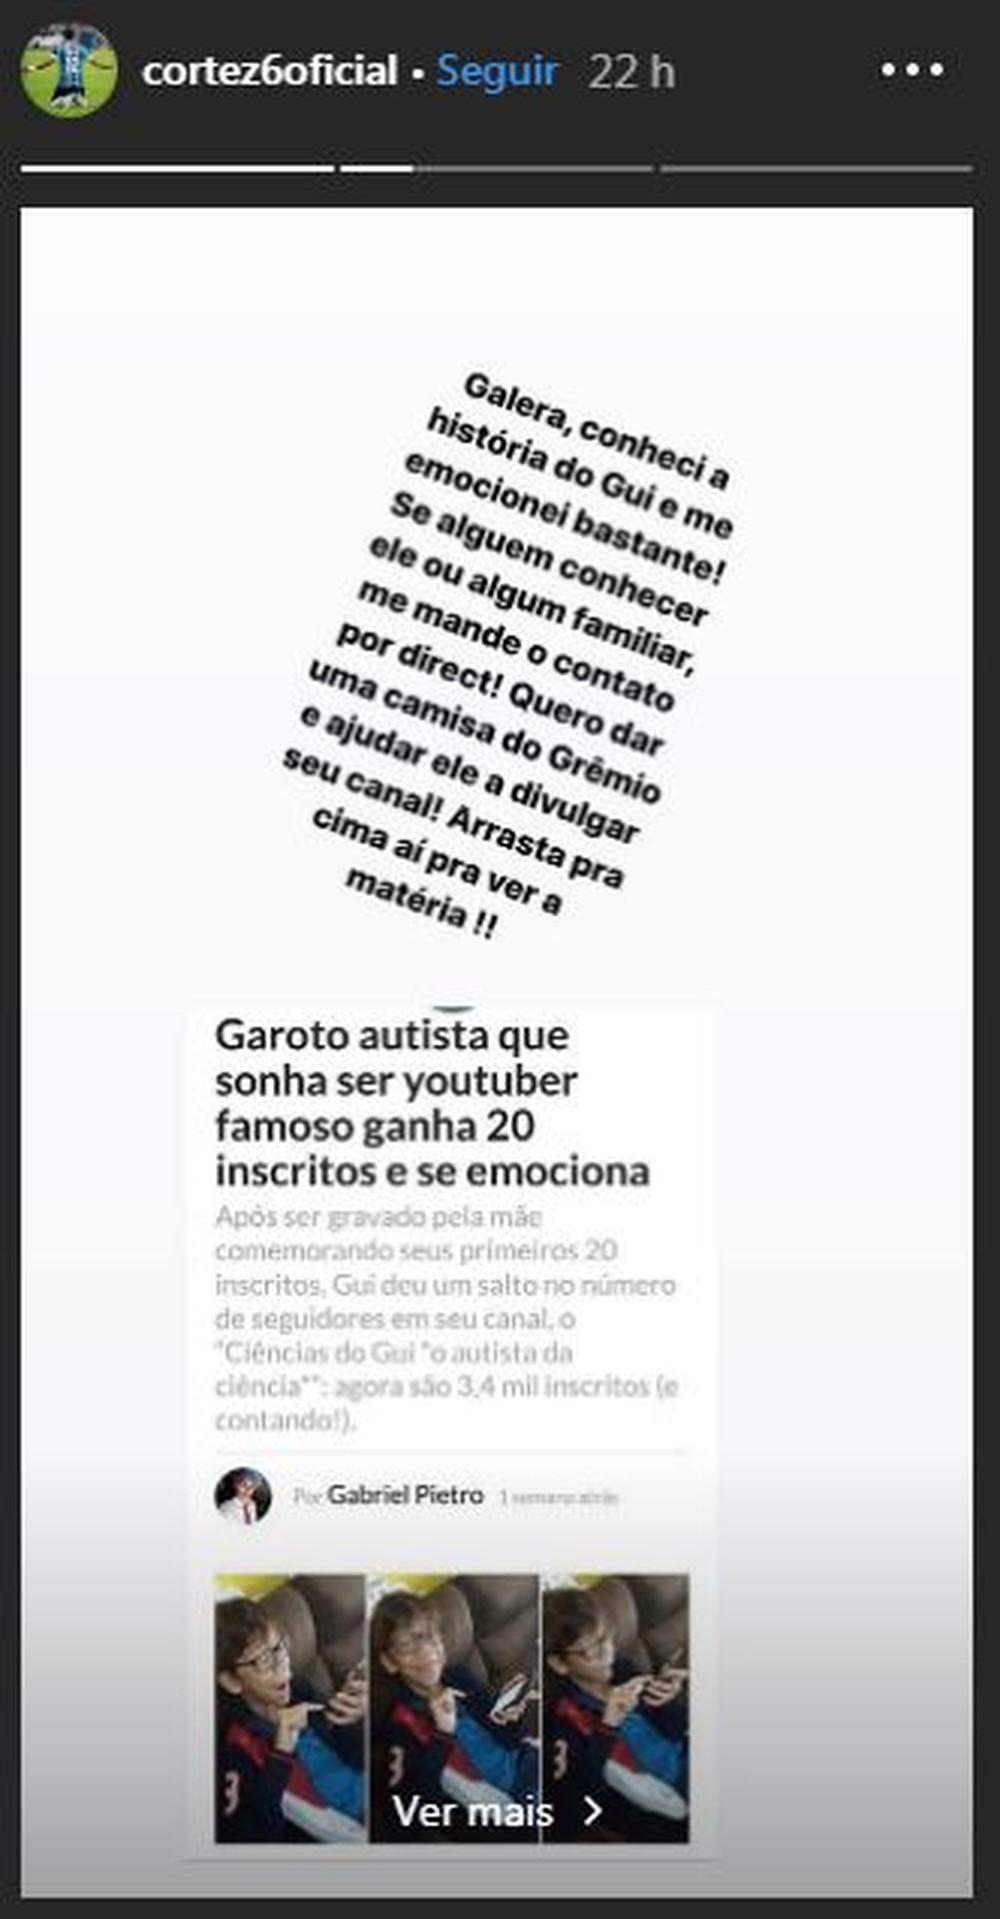 Cortez stories com a história do Guilhermo, youtuber autista de Rondônia (Foto: Divulgação )